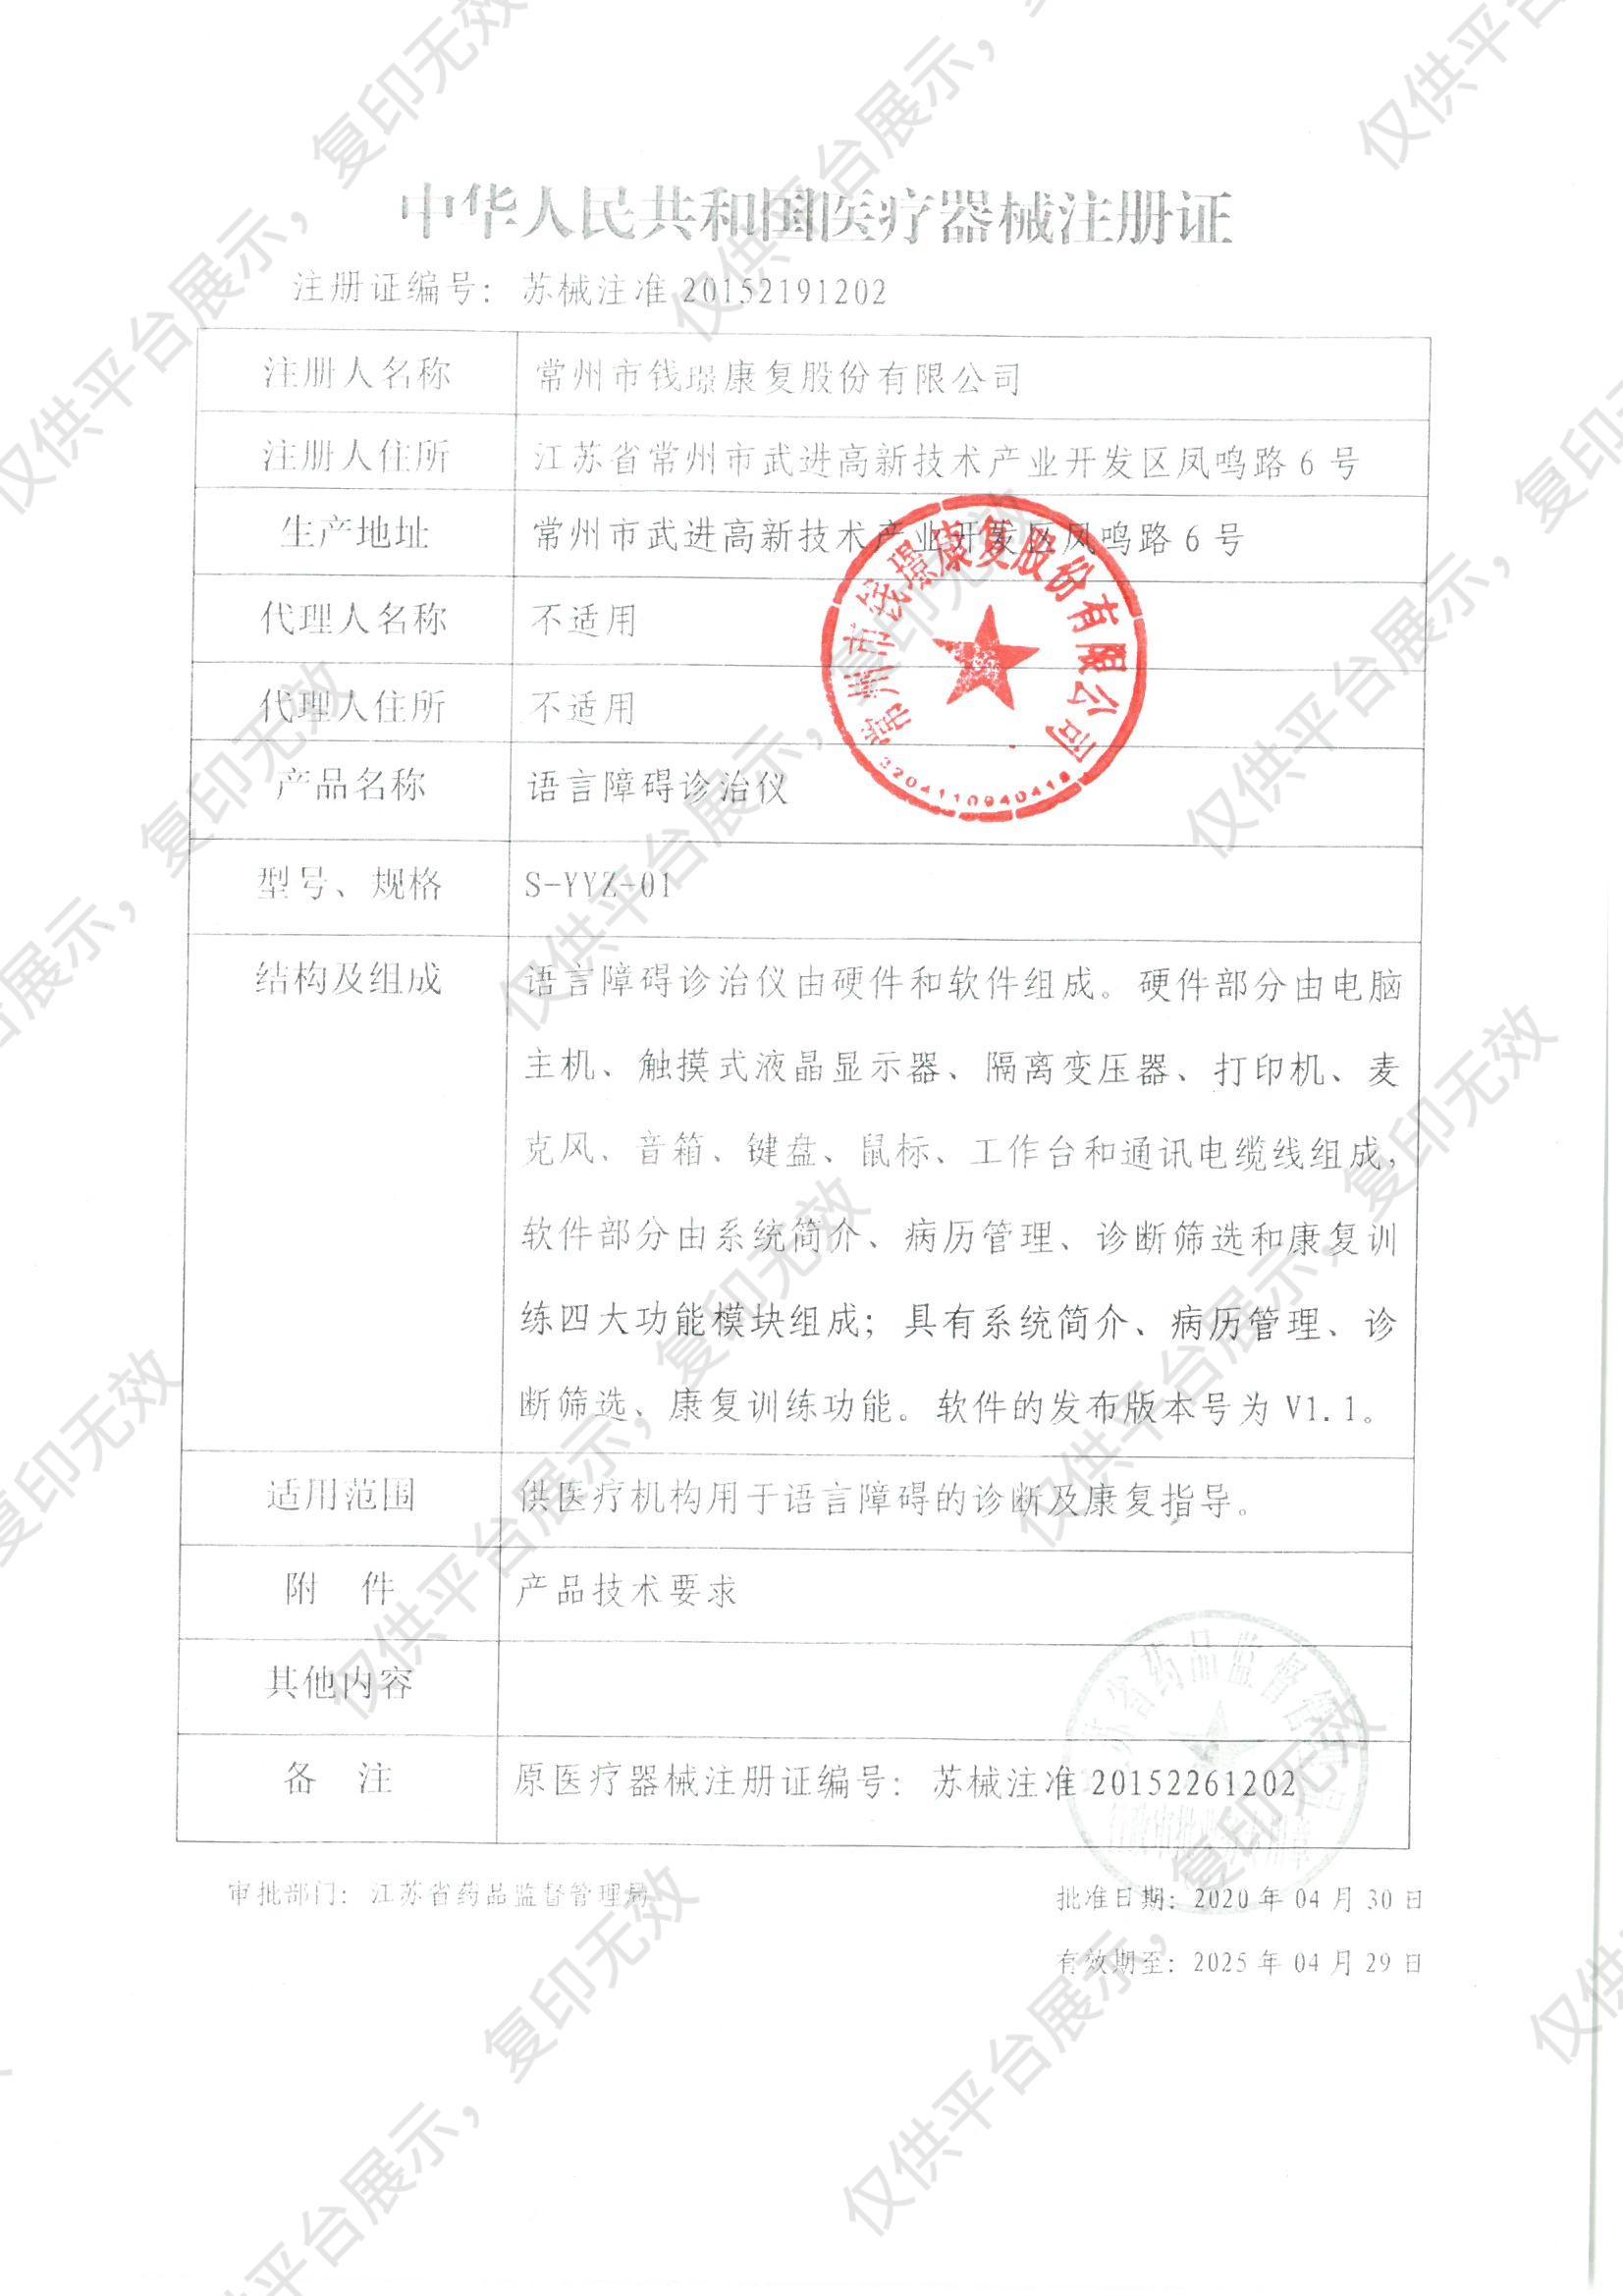 钱璟 言语障碍诊治仪  S-YYZ-01注册证